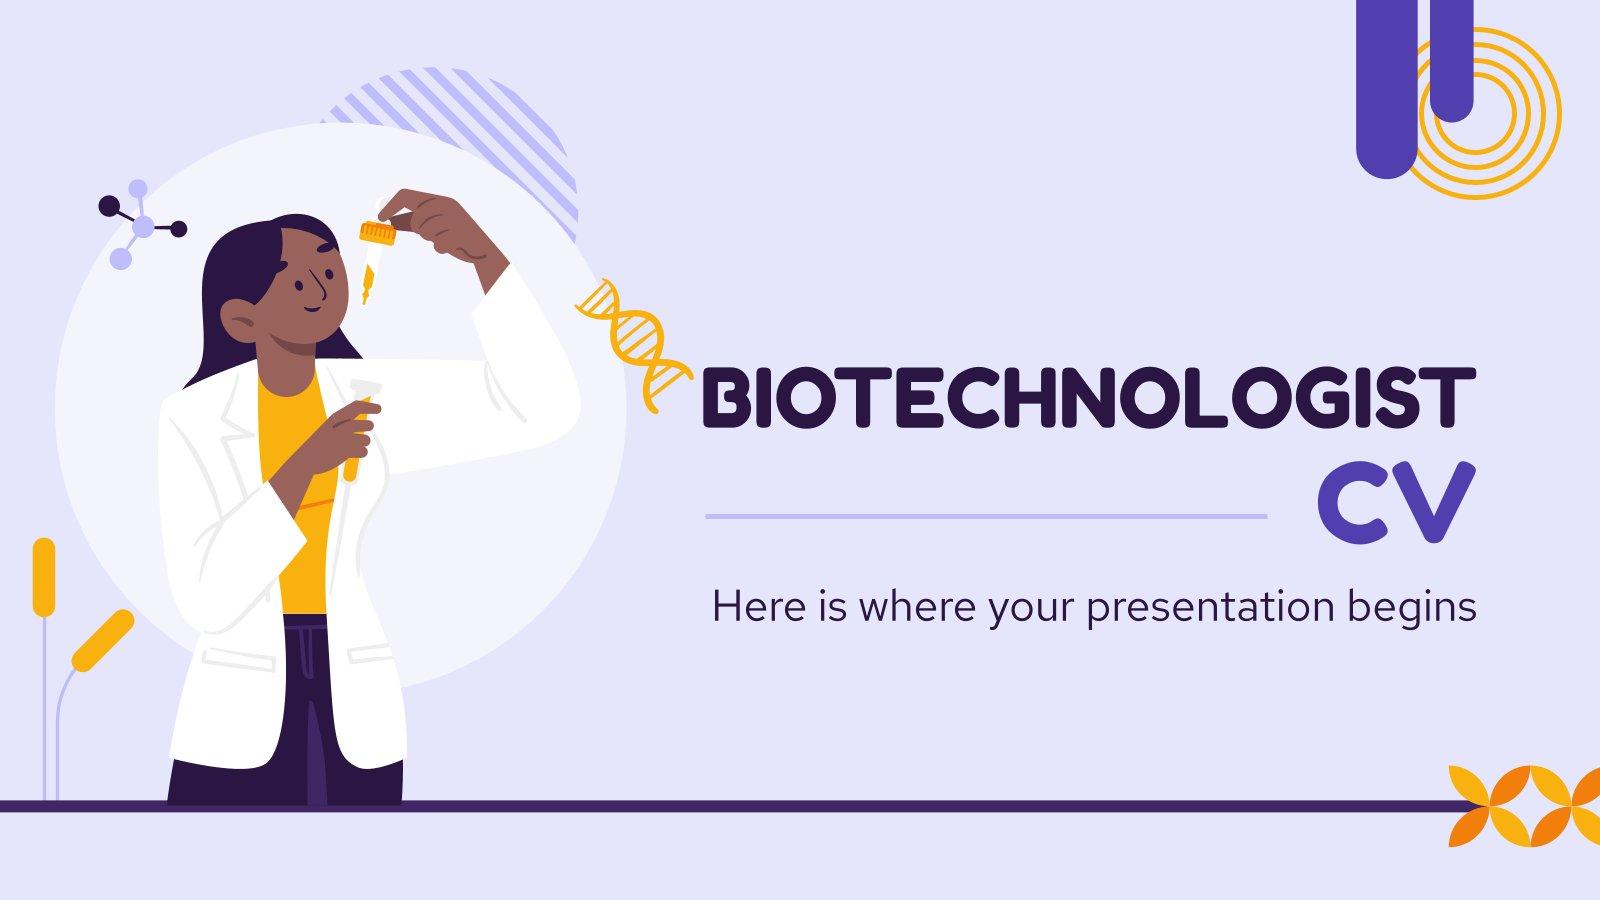 Plantilla de presentación CV de biotecnólogo